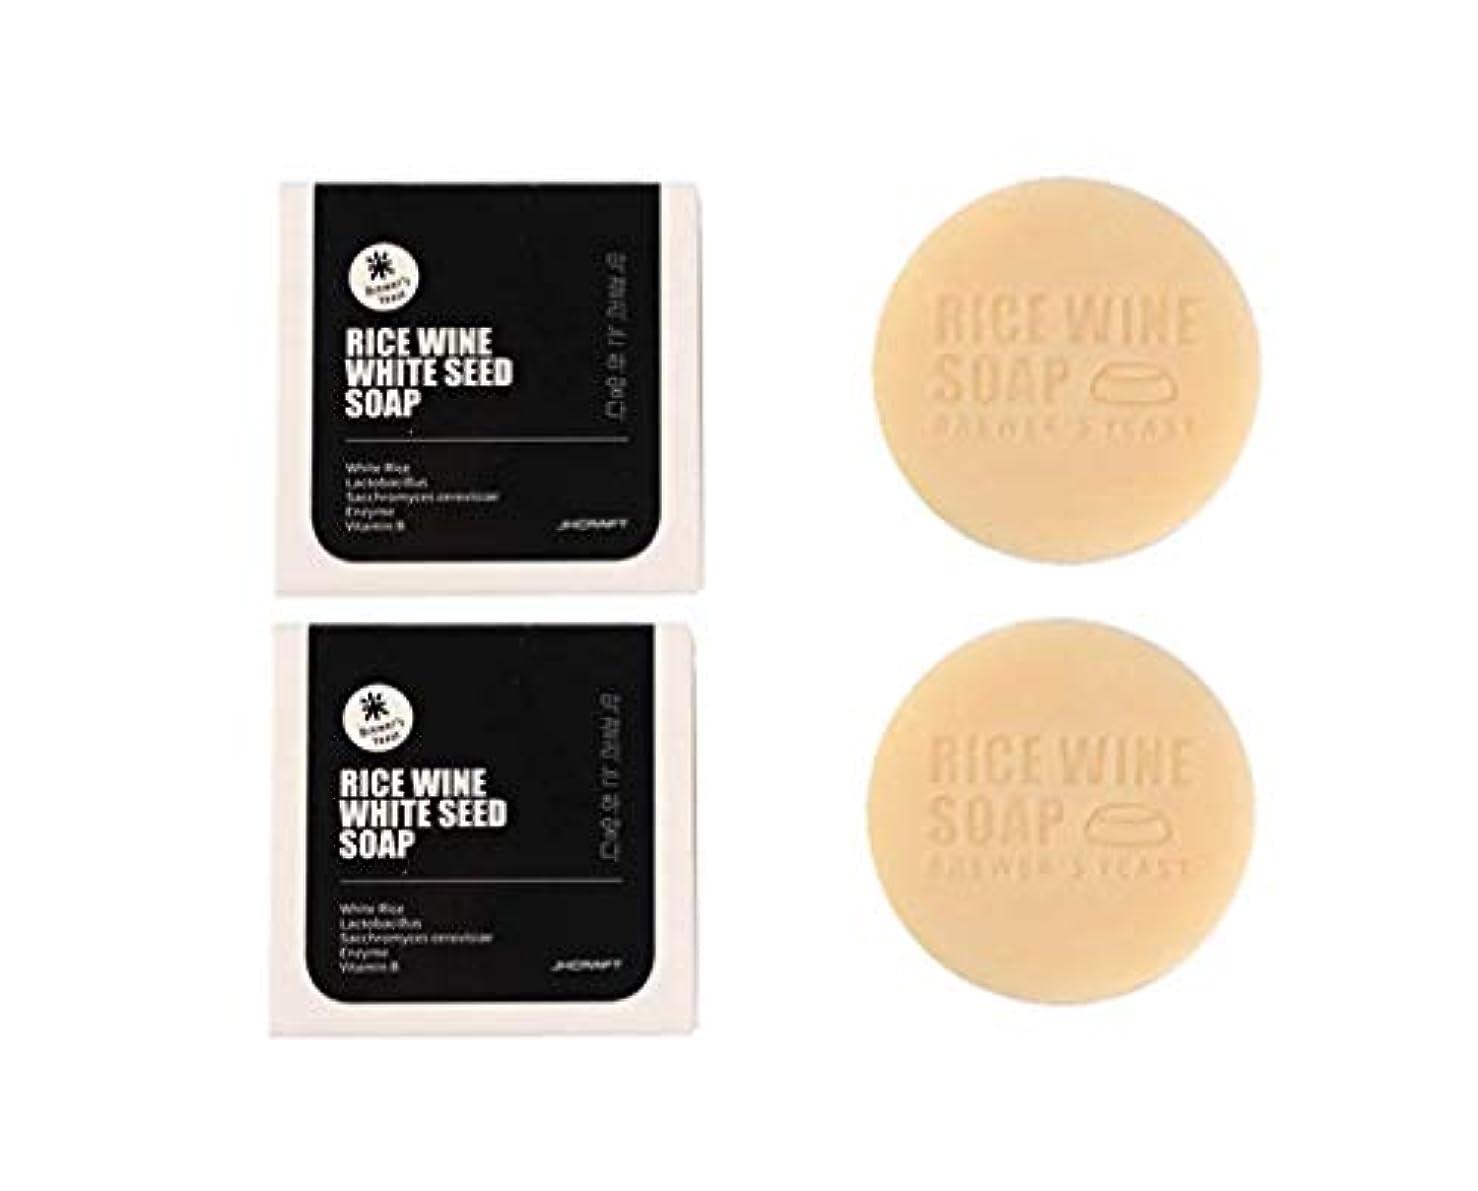 テナントマイク入場JKCRAFT RICEWINE WHITE SEED SOAP マッコリ酵母石鹸,無添加,無刺激,天然洗顔石鹸 2pcs [並行輸入品]